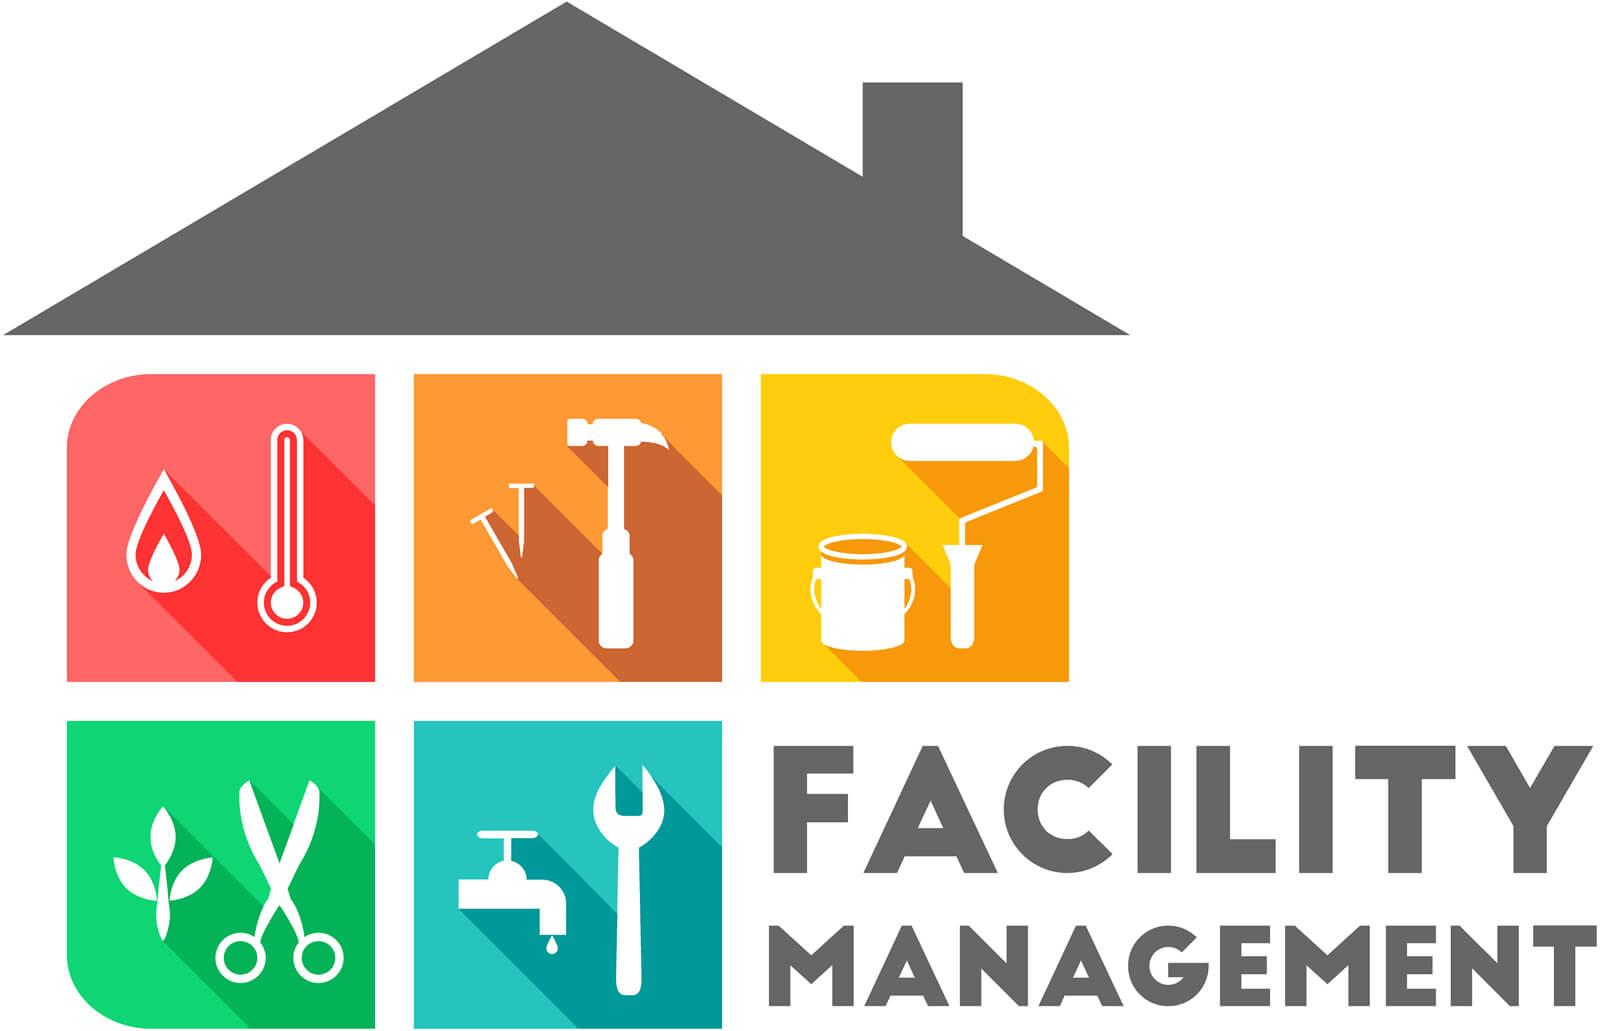 Gestão de facilities: essencial a administração predial